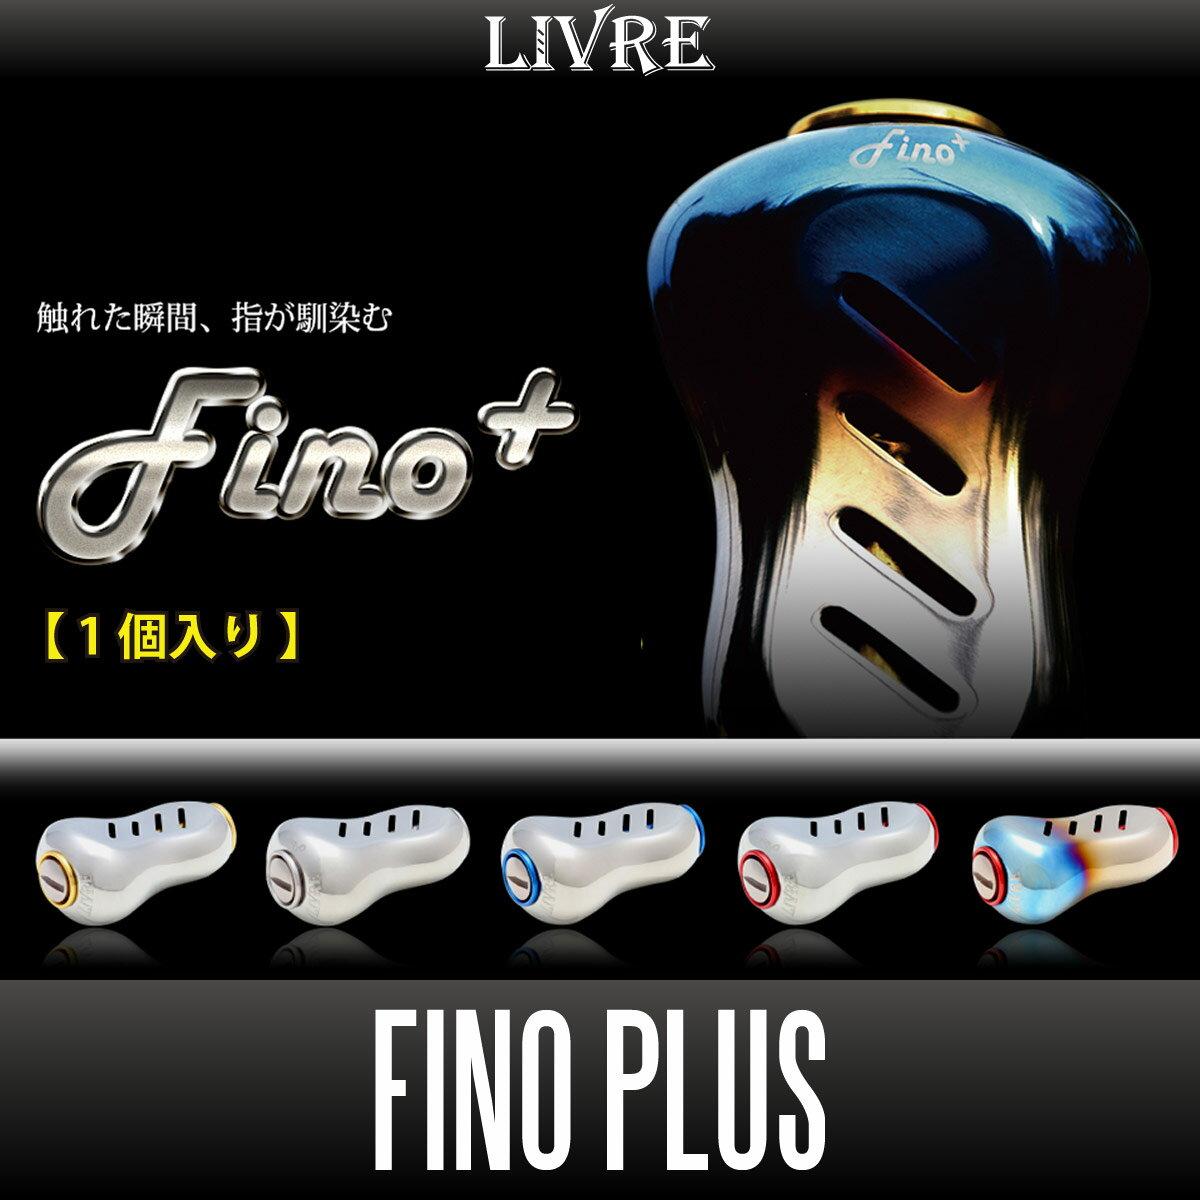 【リブレ/LIVRE】 Fino+(フィーノプラス) チタニウム ハンドルノブ 【1個入り】 HKAL ※送料無料※